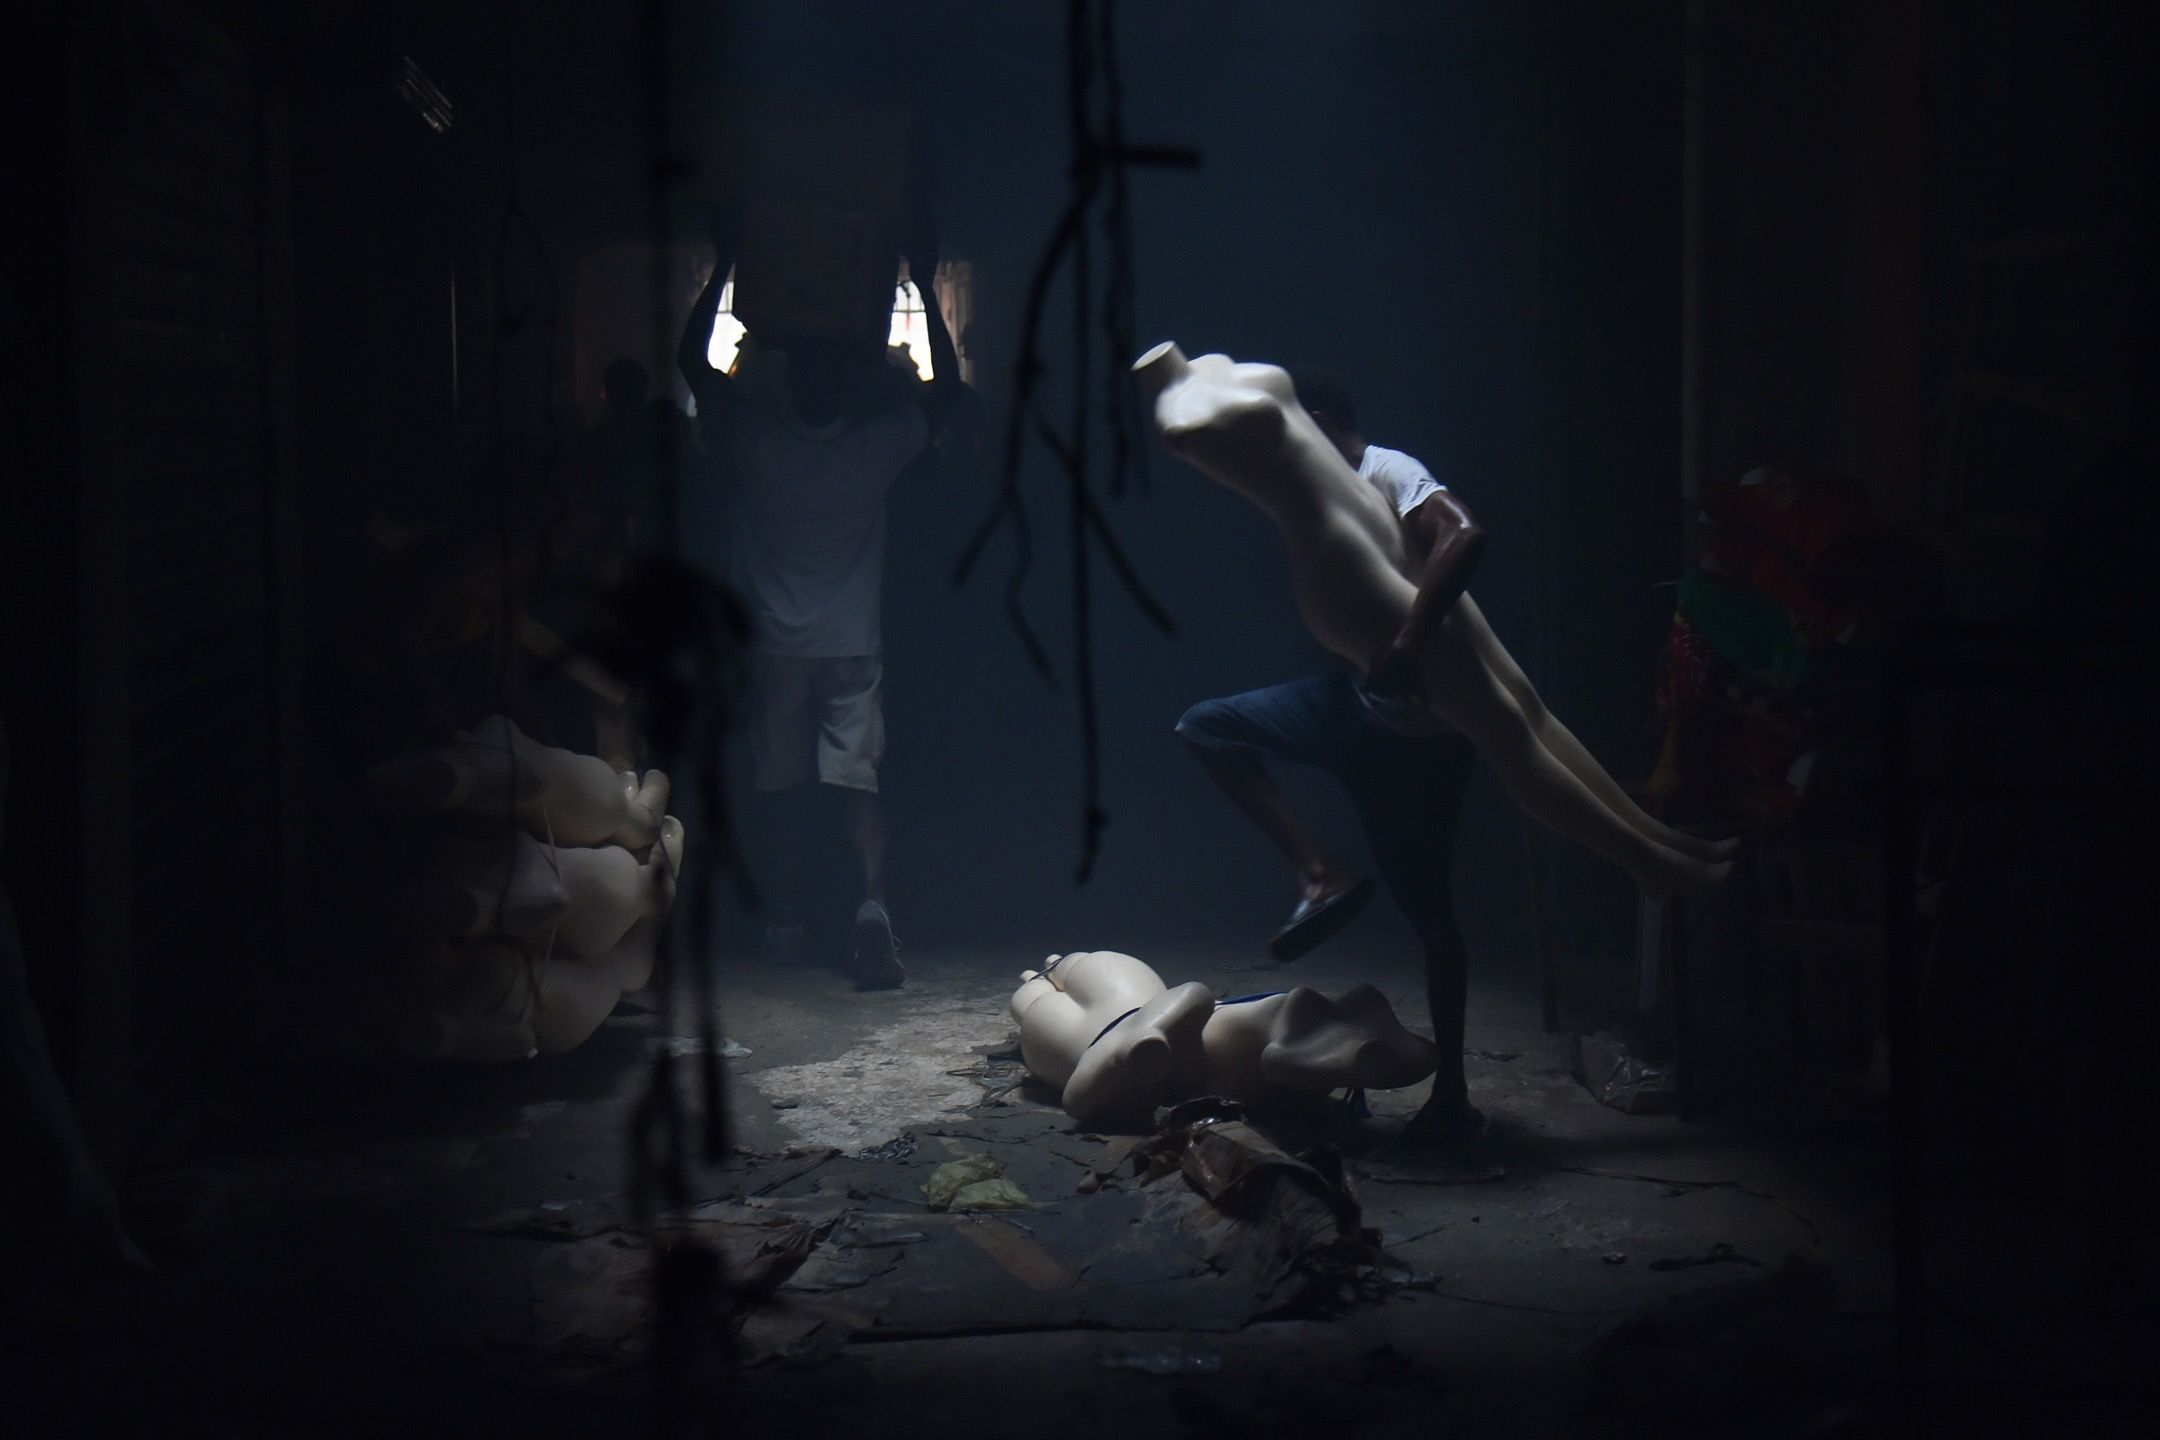 2018年2月18日,海地首都太子港的 Nan Gerit 服裝市場發生大火後5天,檔主回到災場拾回沒有被燒毀的貨品。